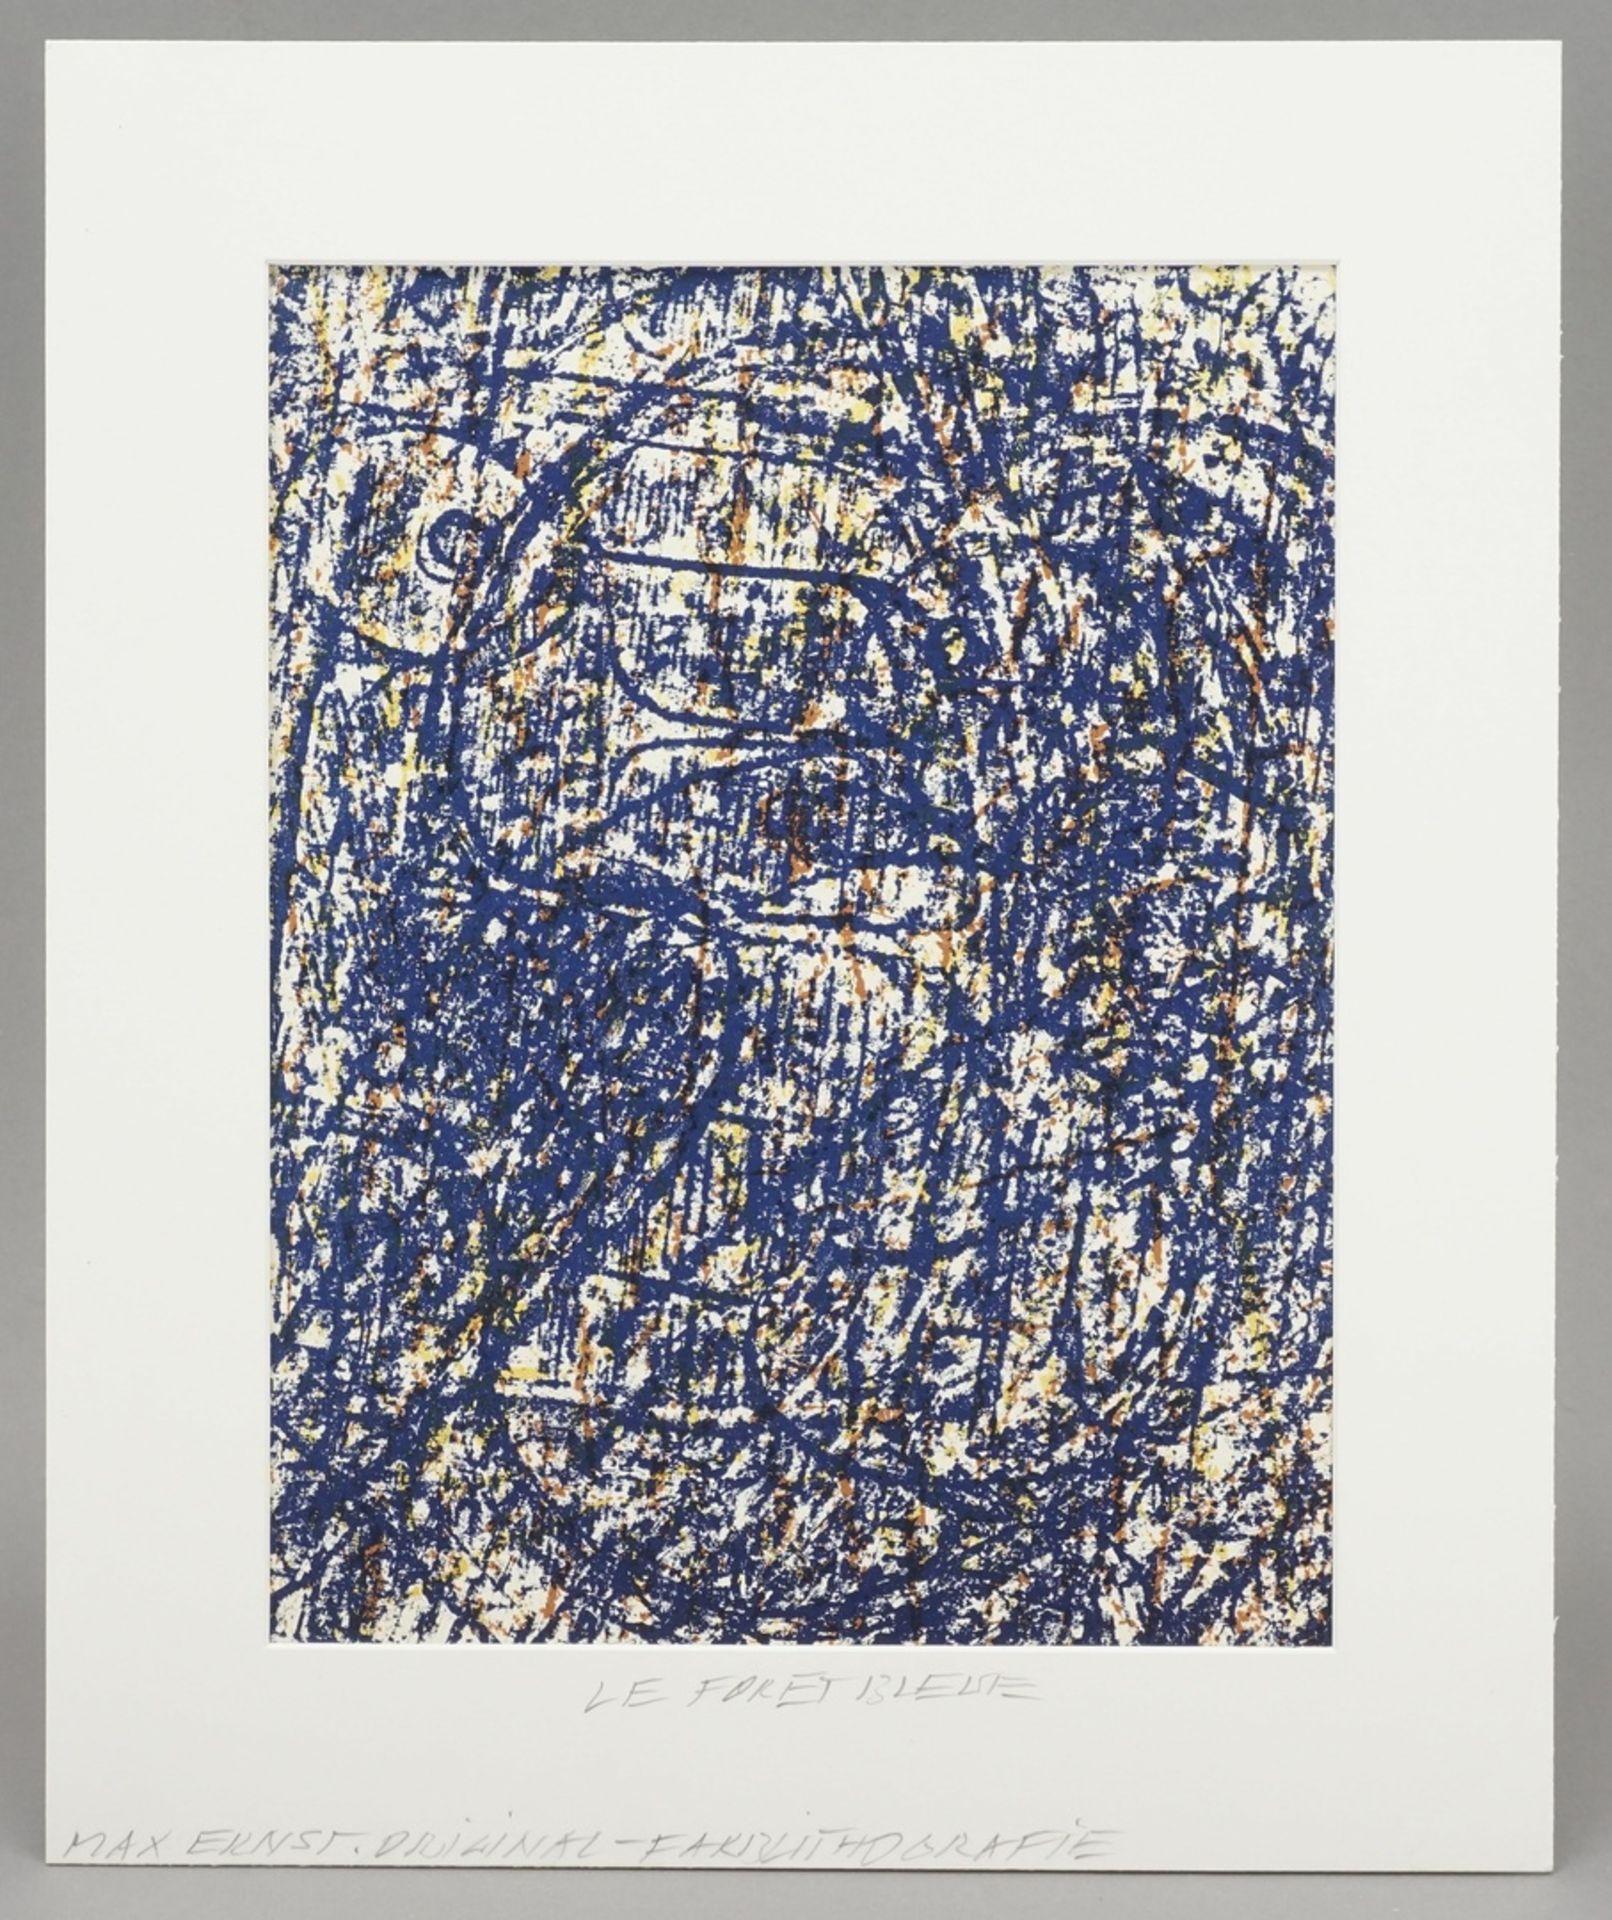 """Max Ernst, """"La forêt bleue"""" (Der blaue Wald) - Bild 2 aus 4"""